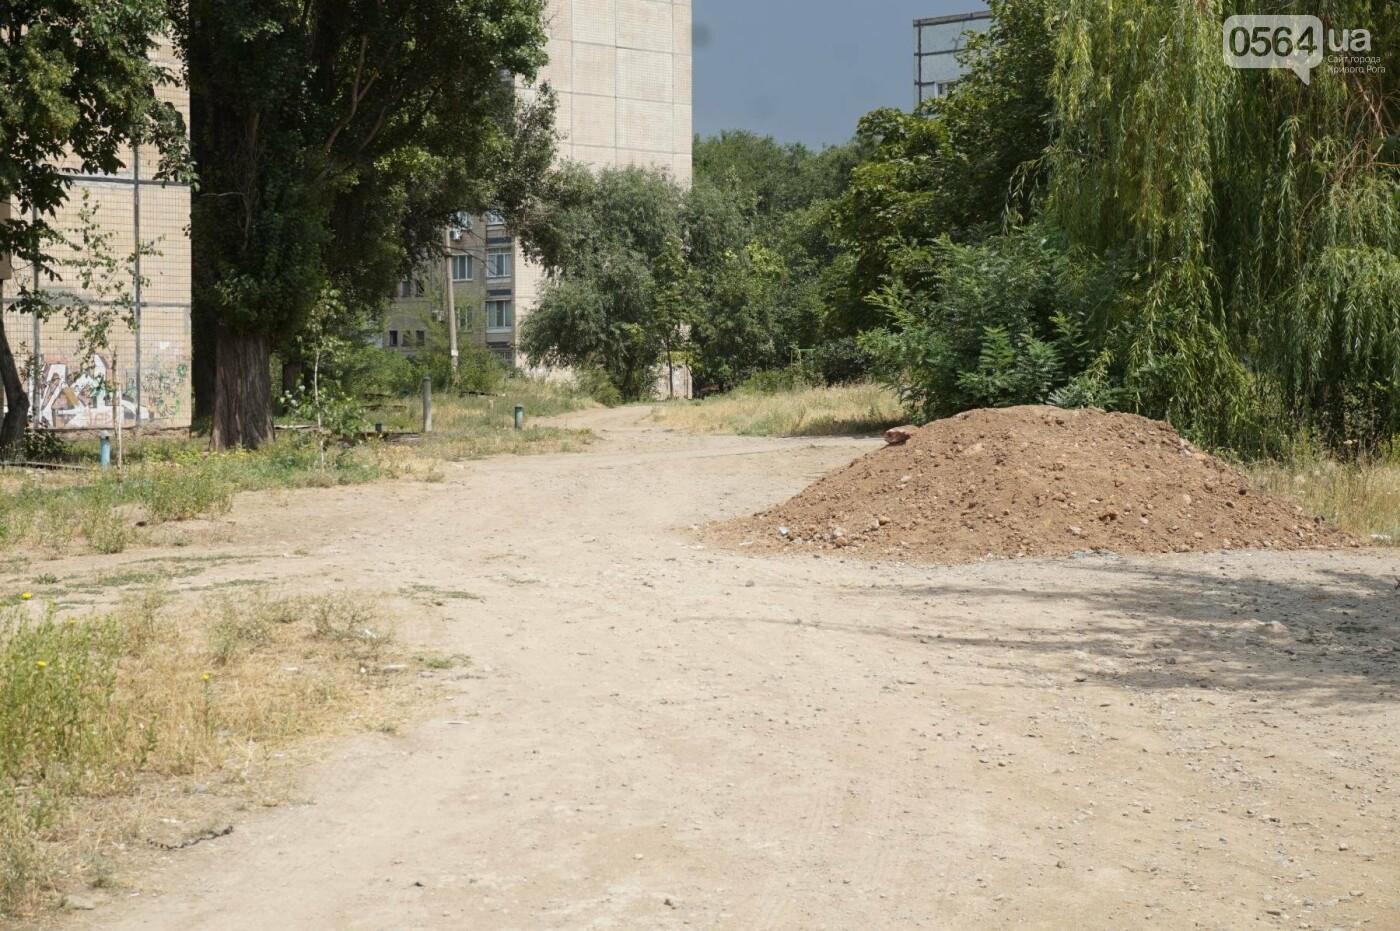 """""""Поле чудес"""": криворожане не могут добиться помощи властей, чтобы снести незаконные постройки и создать сквер, - ФОТО, фото-50"""